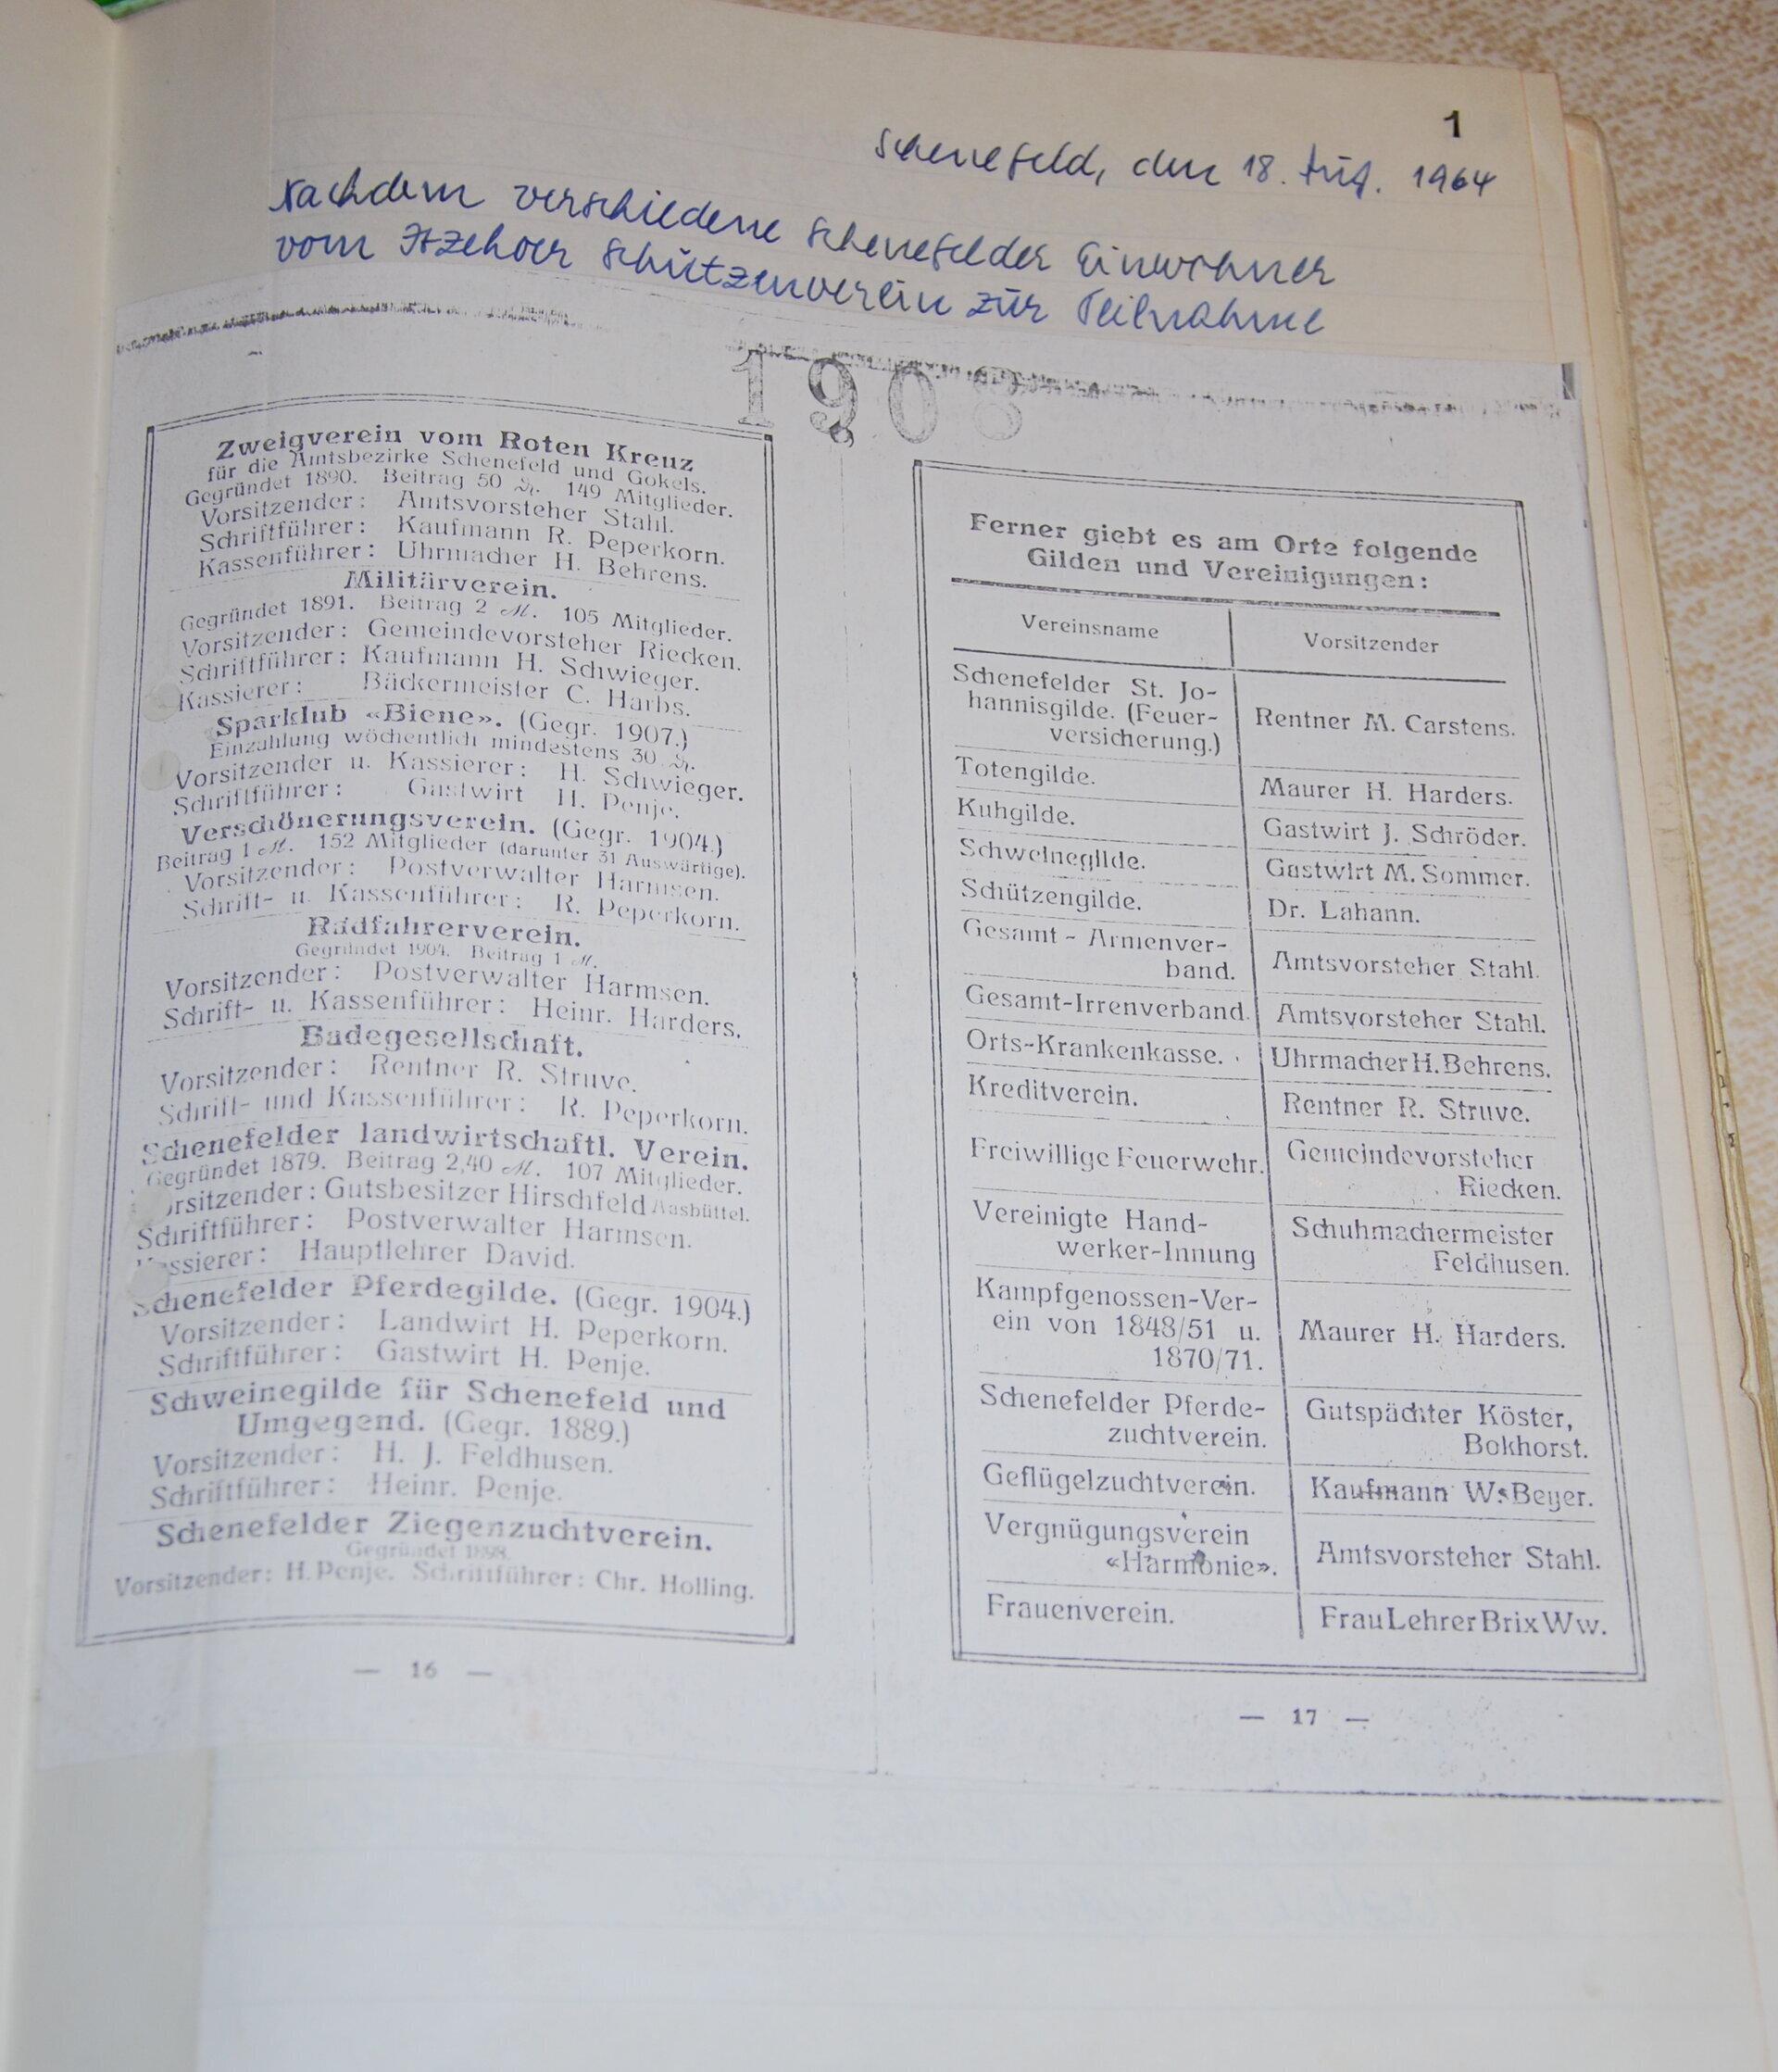 Handbuchkopie von 1903